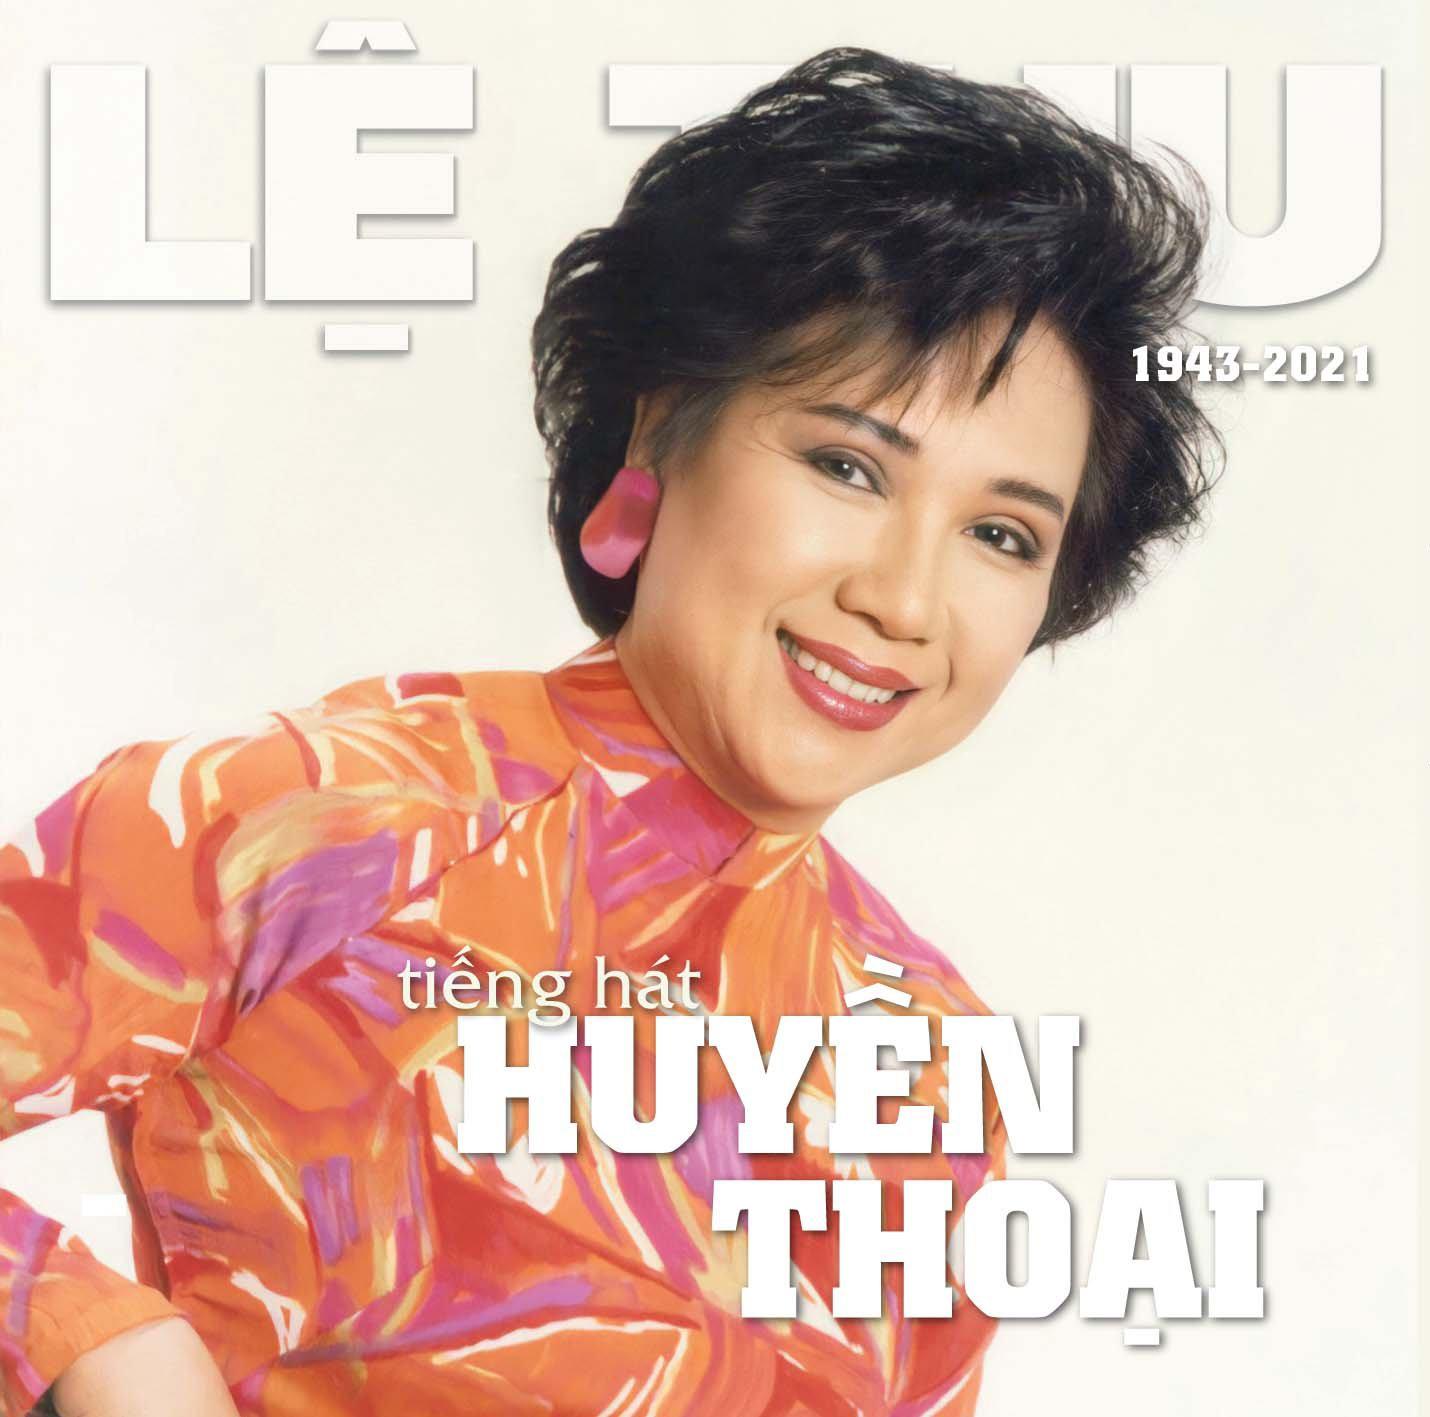 CD Tiếng Hát Huyền Thoại